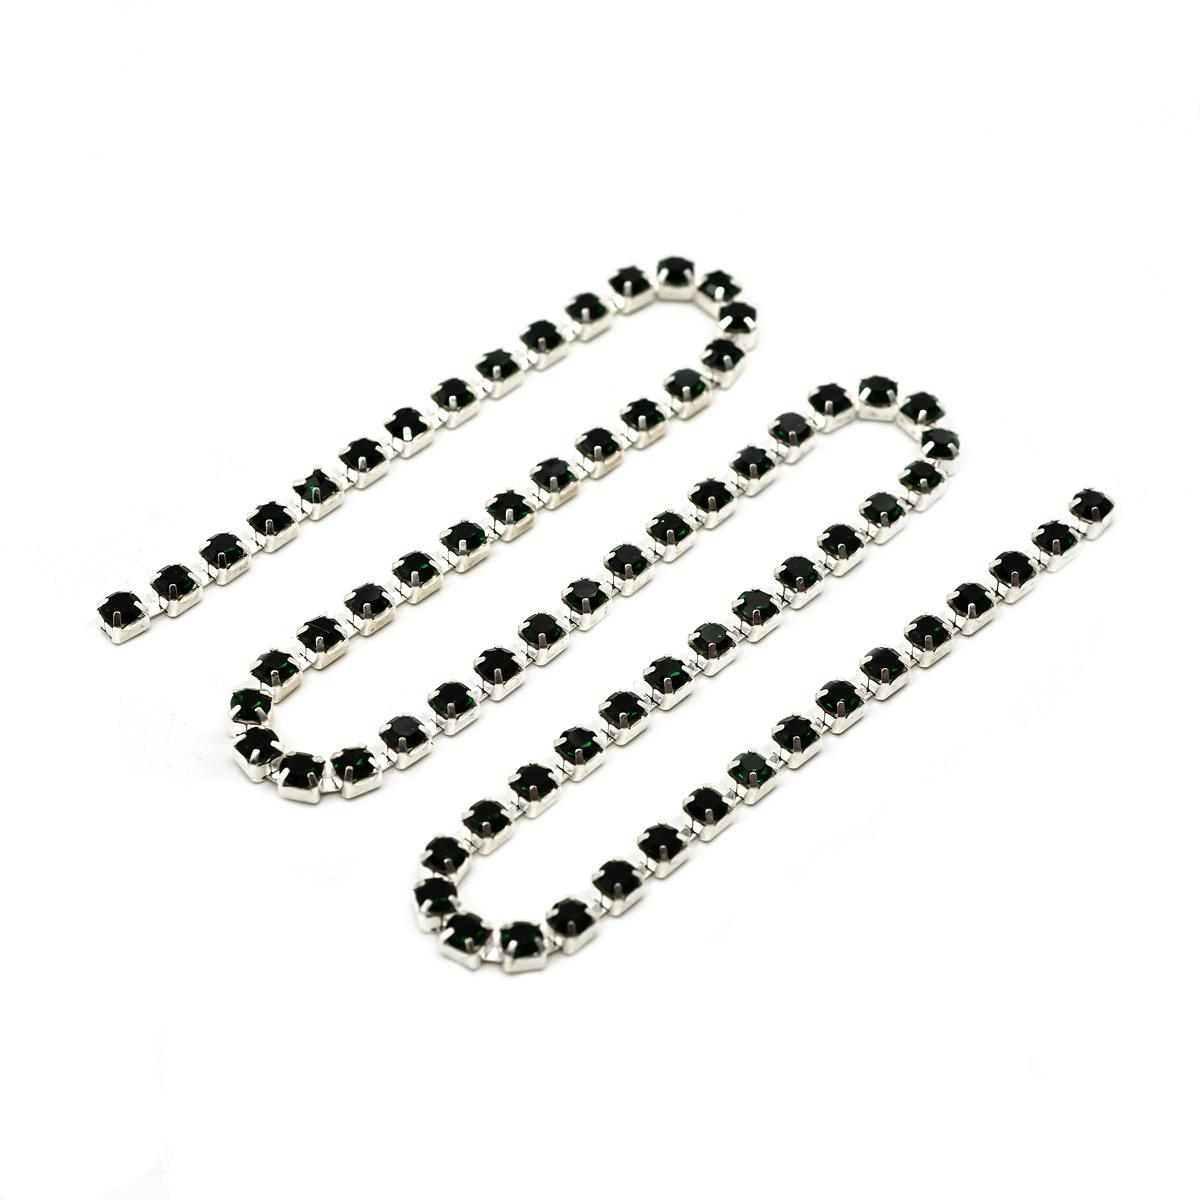 ЦС010СЦ3 Стразовые цепочки (серебро), цвет: изумрудный размер 3 мм, 30 см/упак.